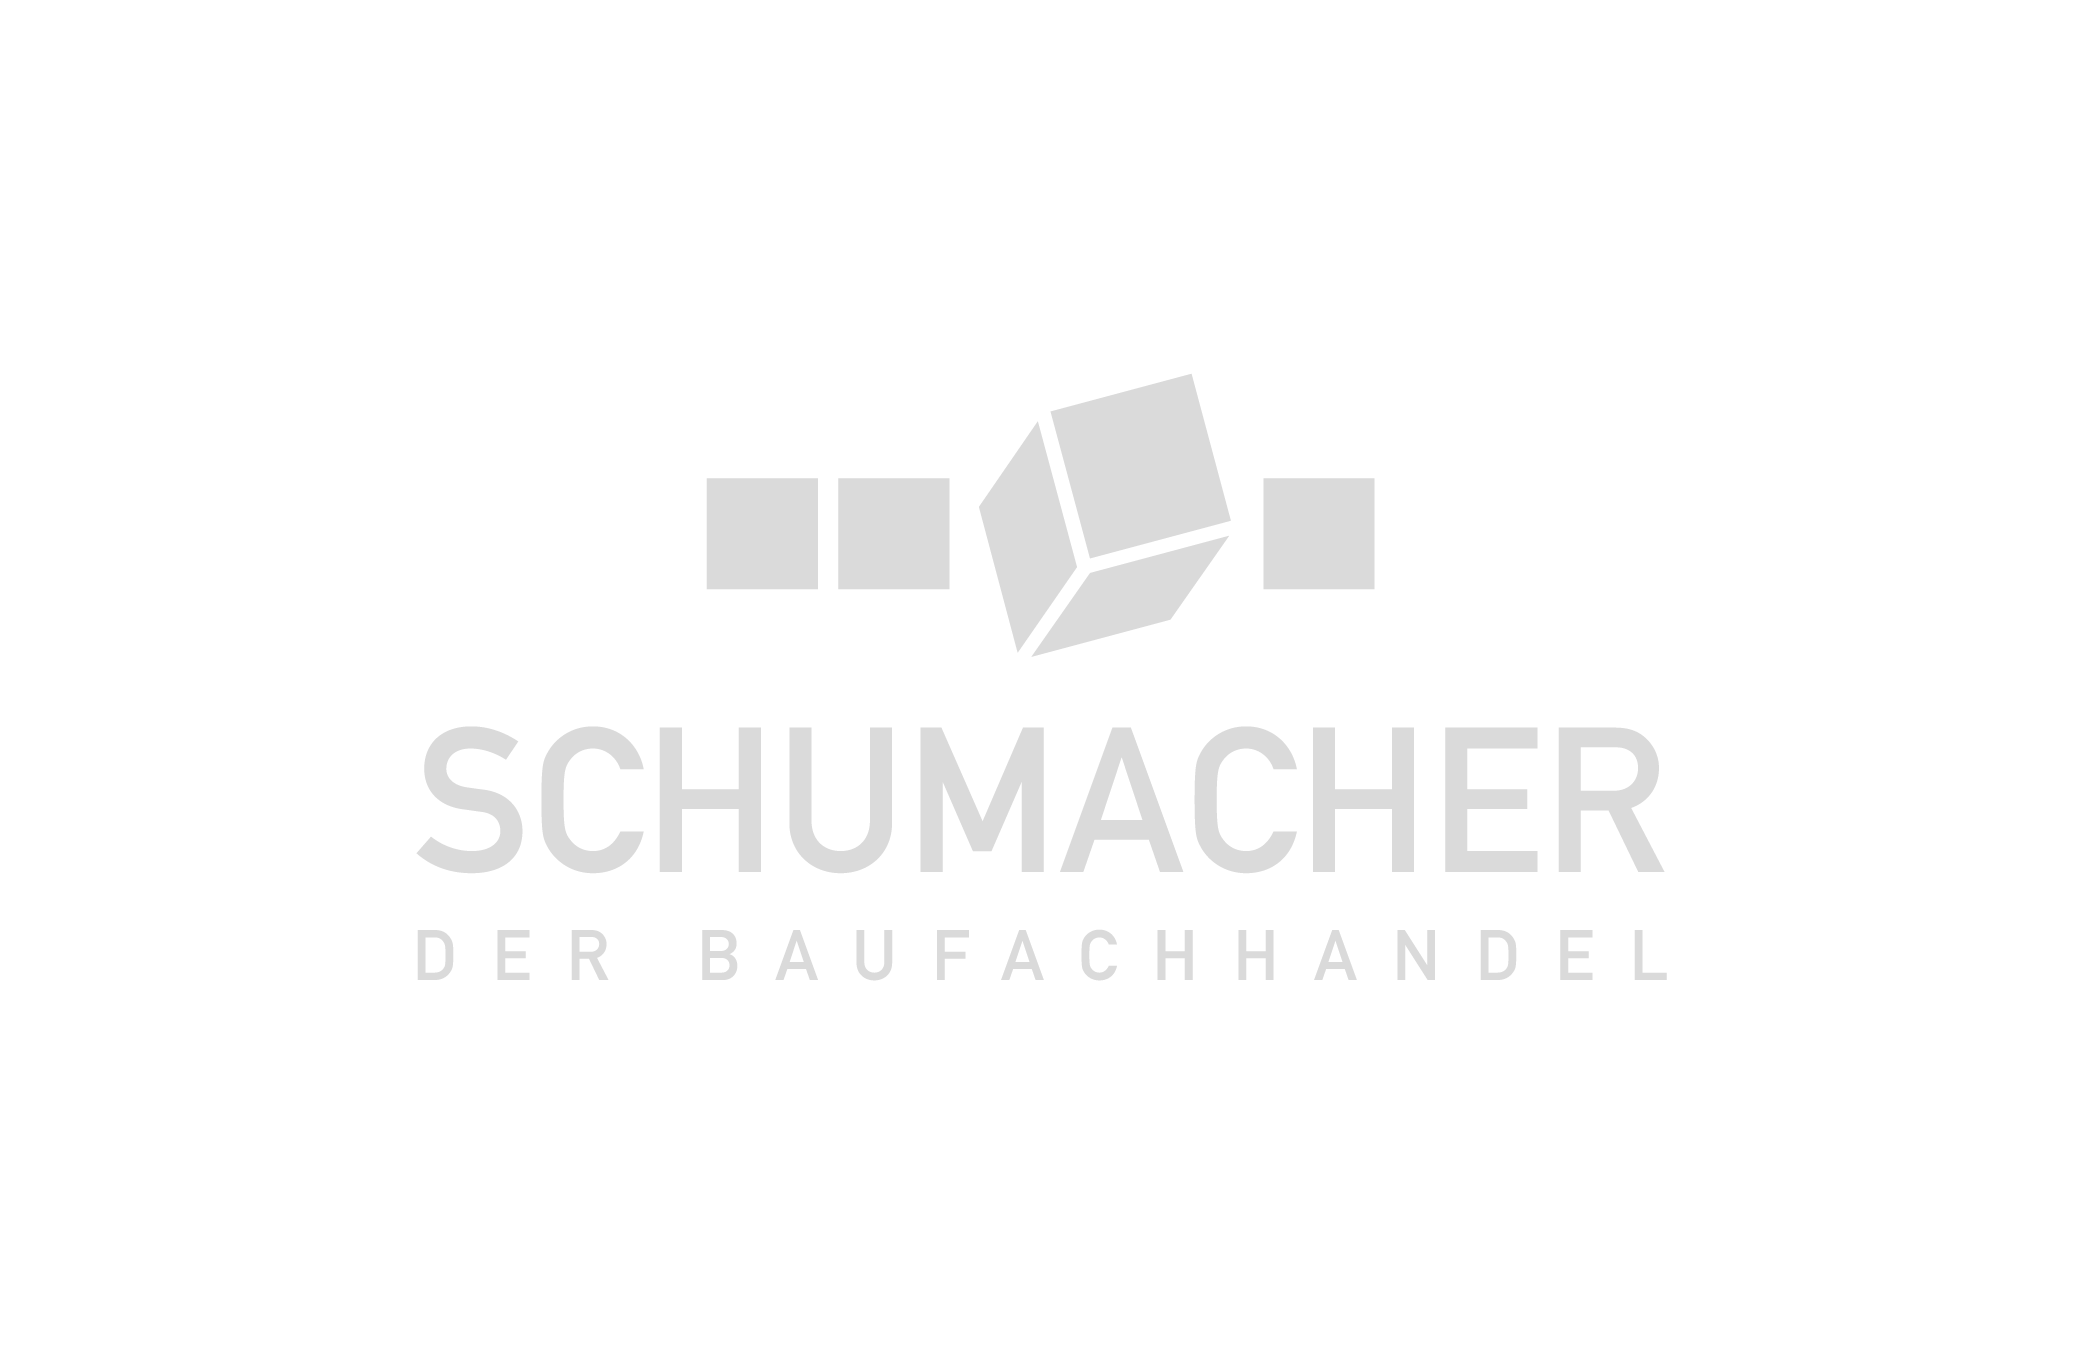 Bauzentrale Schumacher